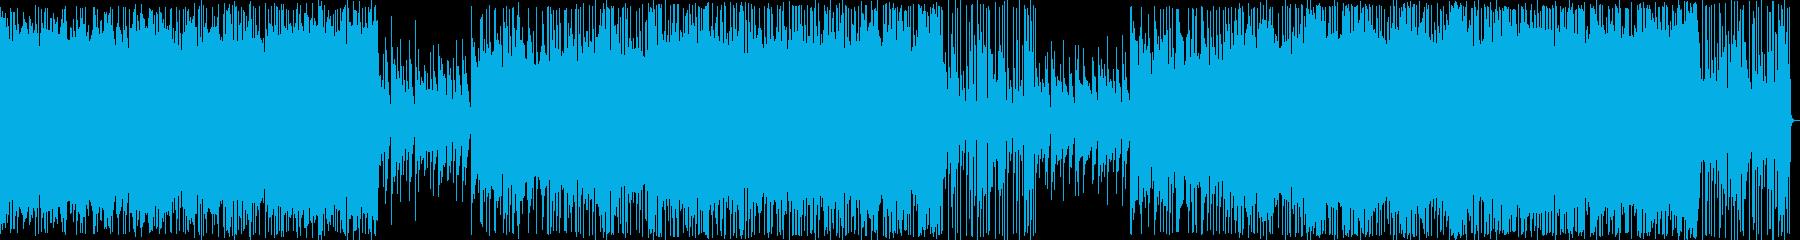 ジワジワ緊張感が高まるバトル風BGMの再生済みの波形